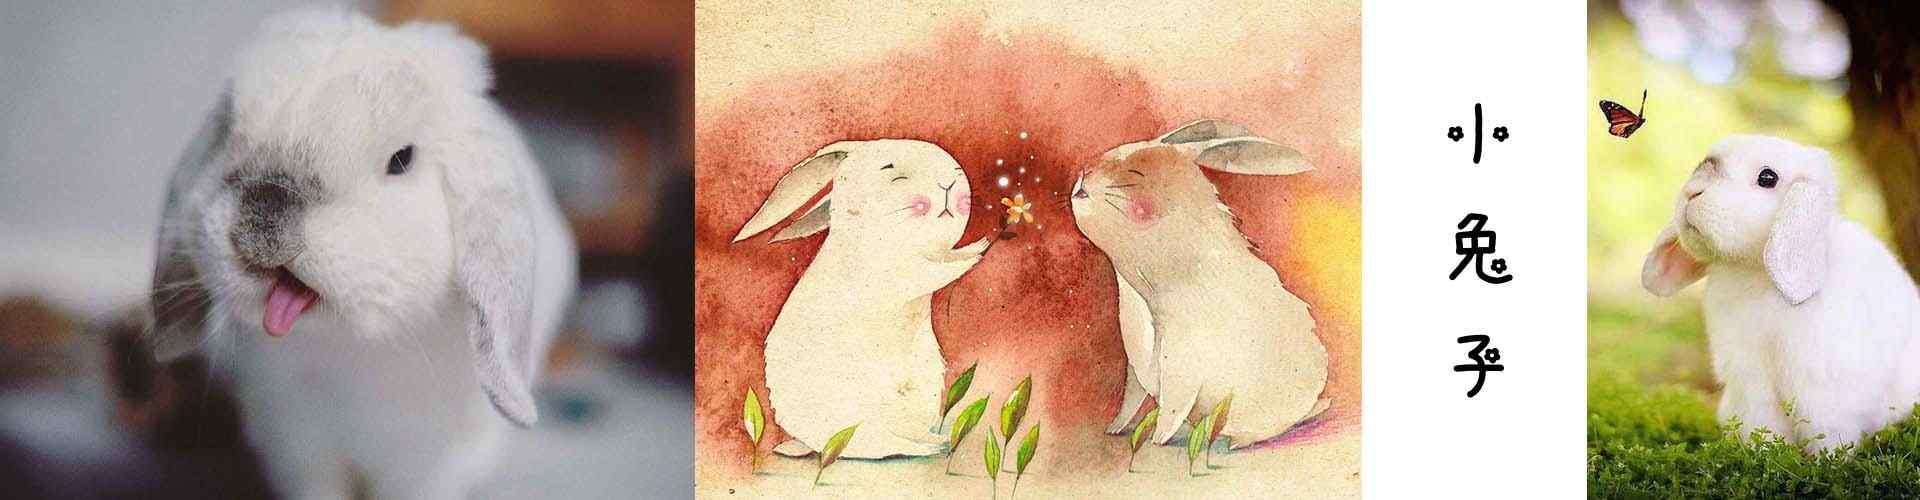 小兔子_可爱小兔子图片壁纸_毛毡小兔子图片_小兔子手机壁纸_可爱动物壁纸